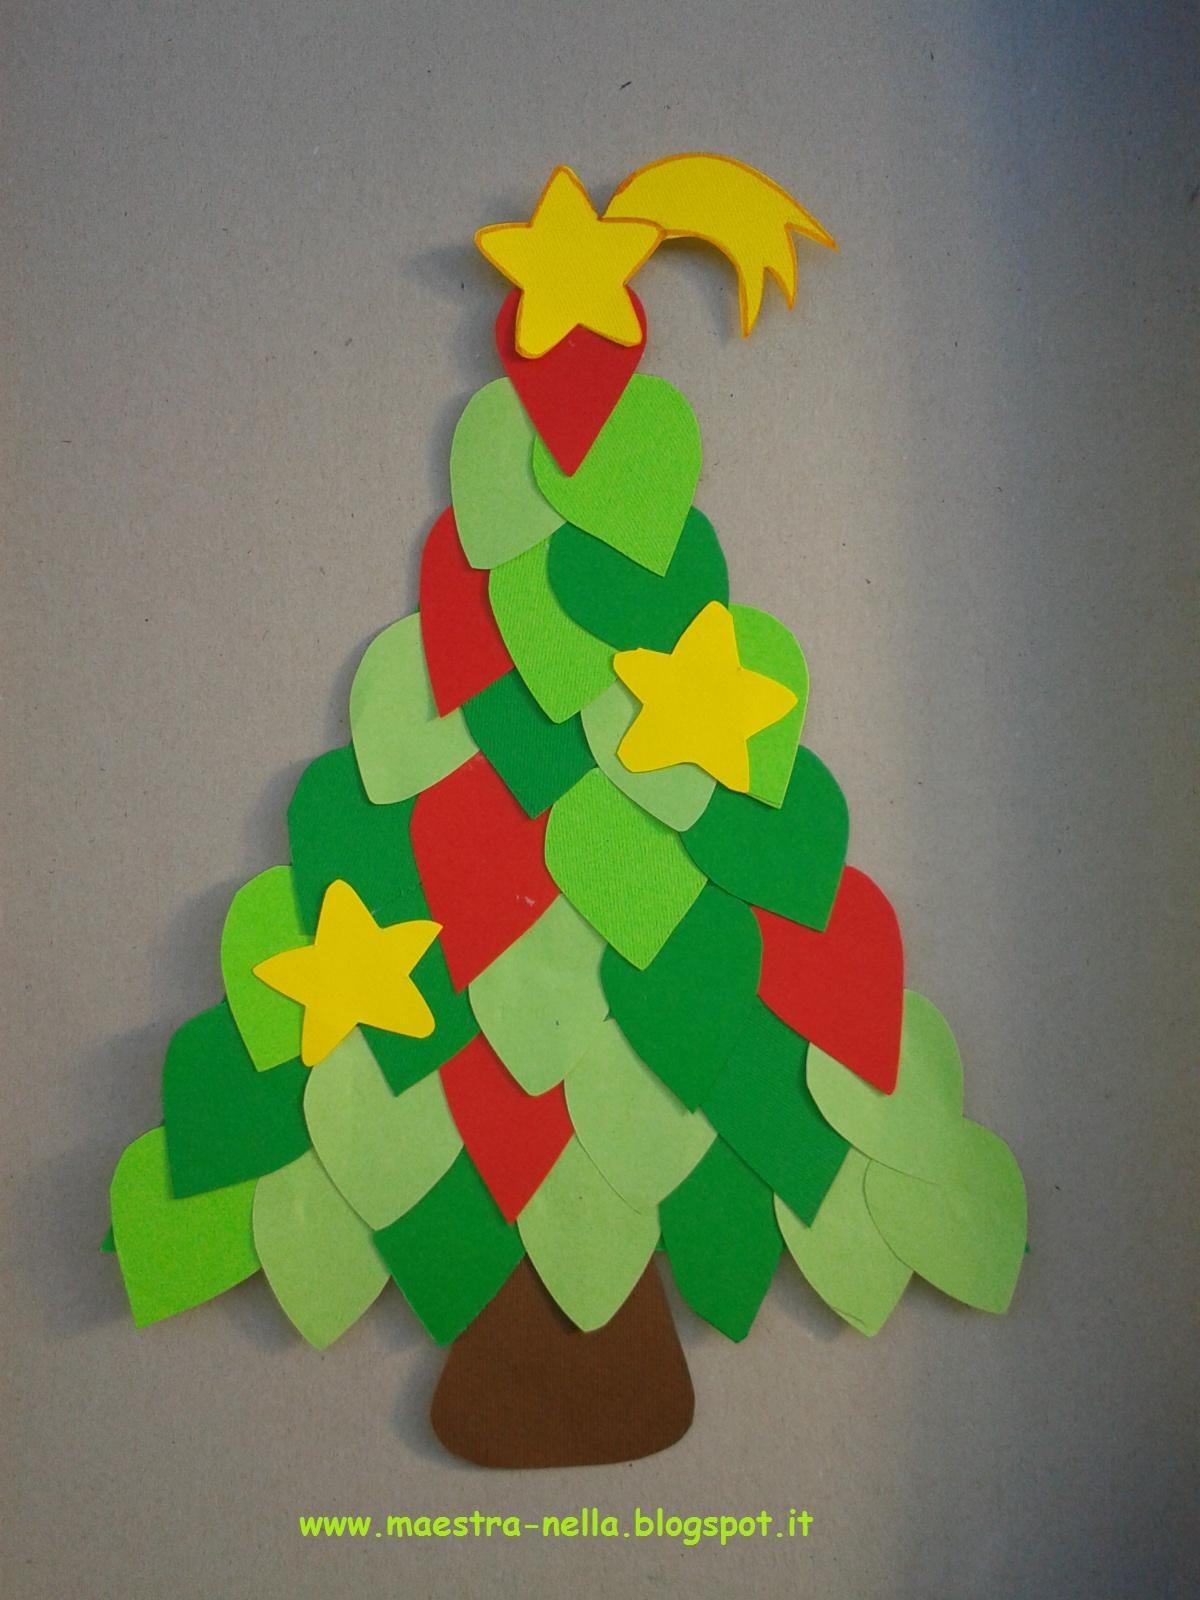 Maestra nella alberelli di natale for Addobbi natalizi per la classe